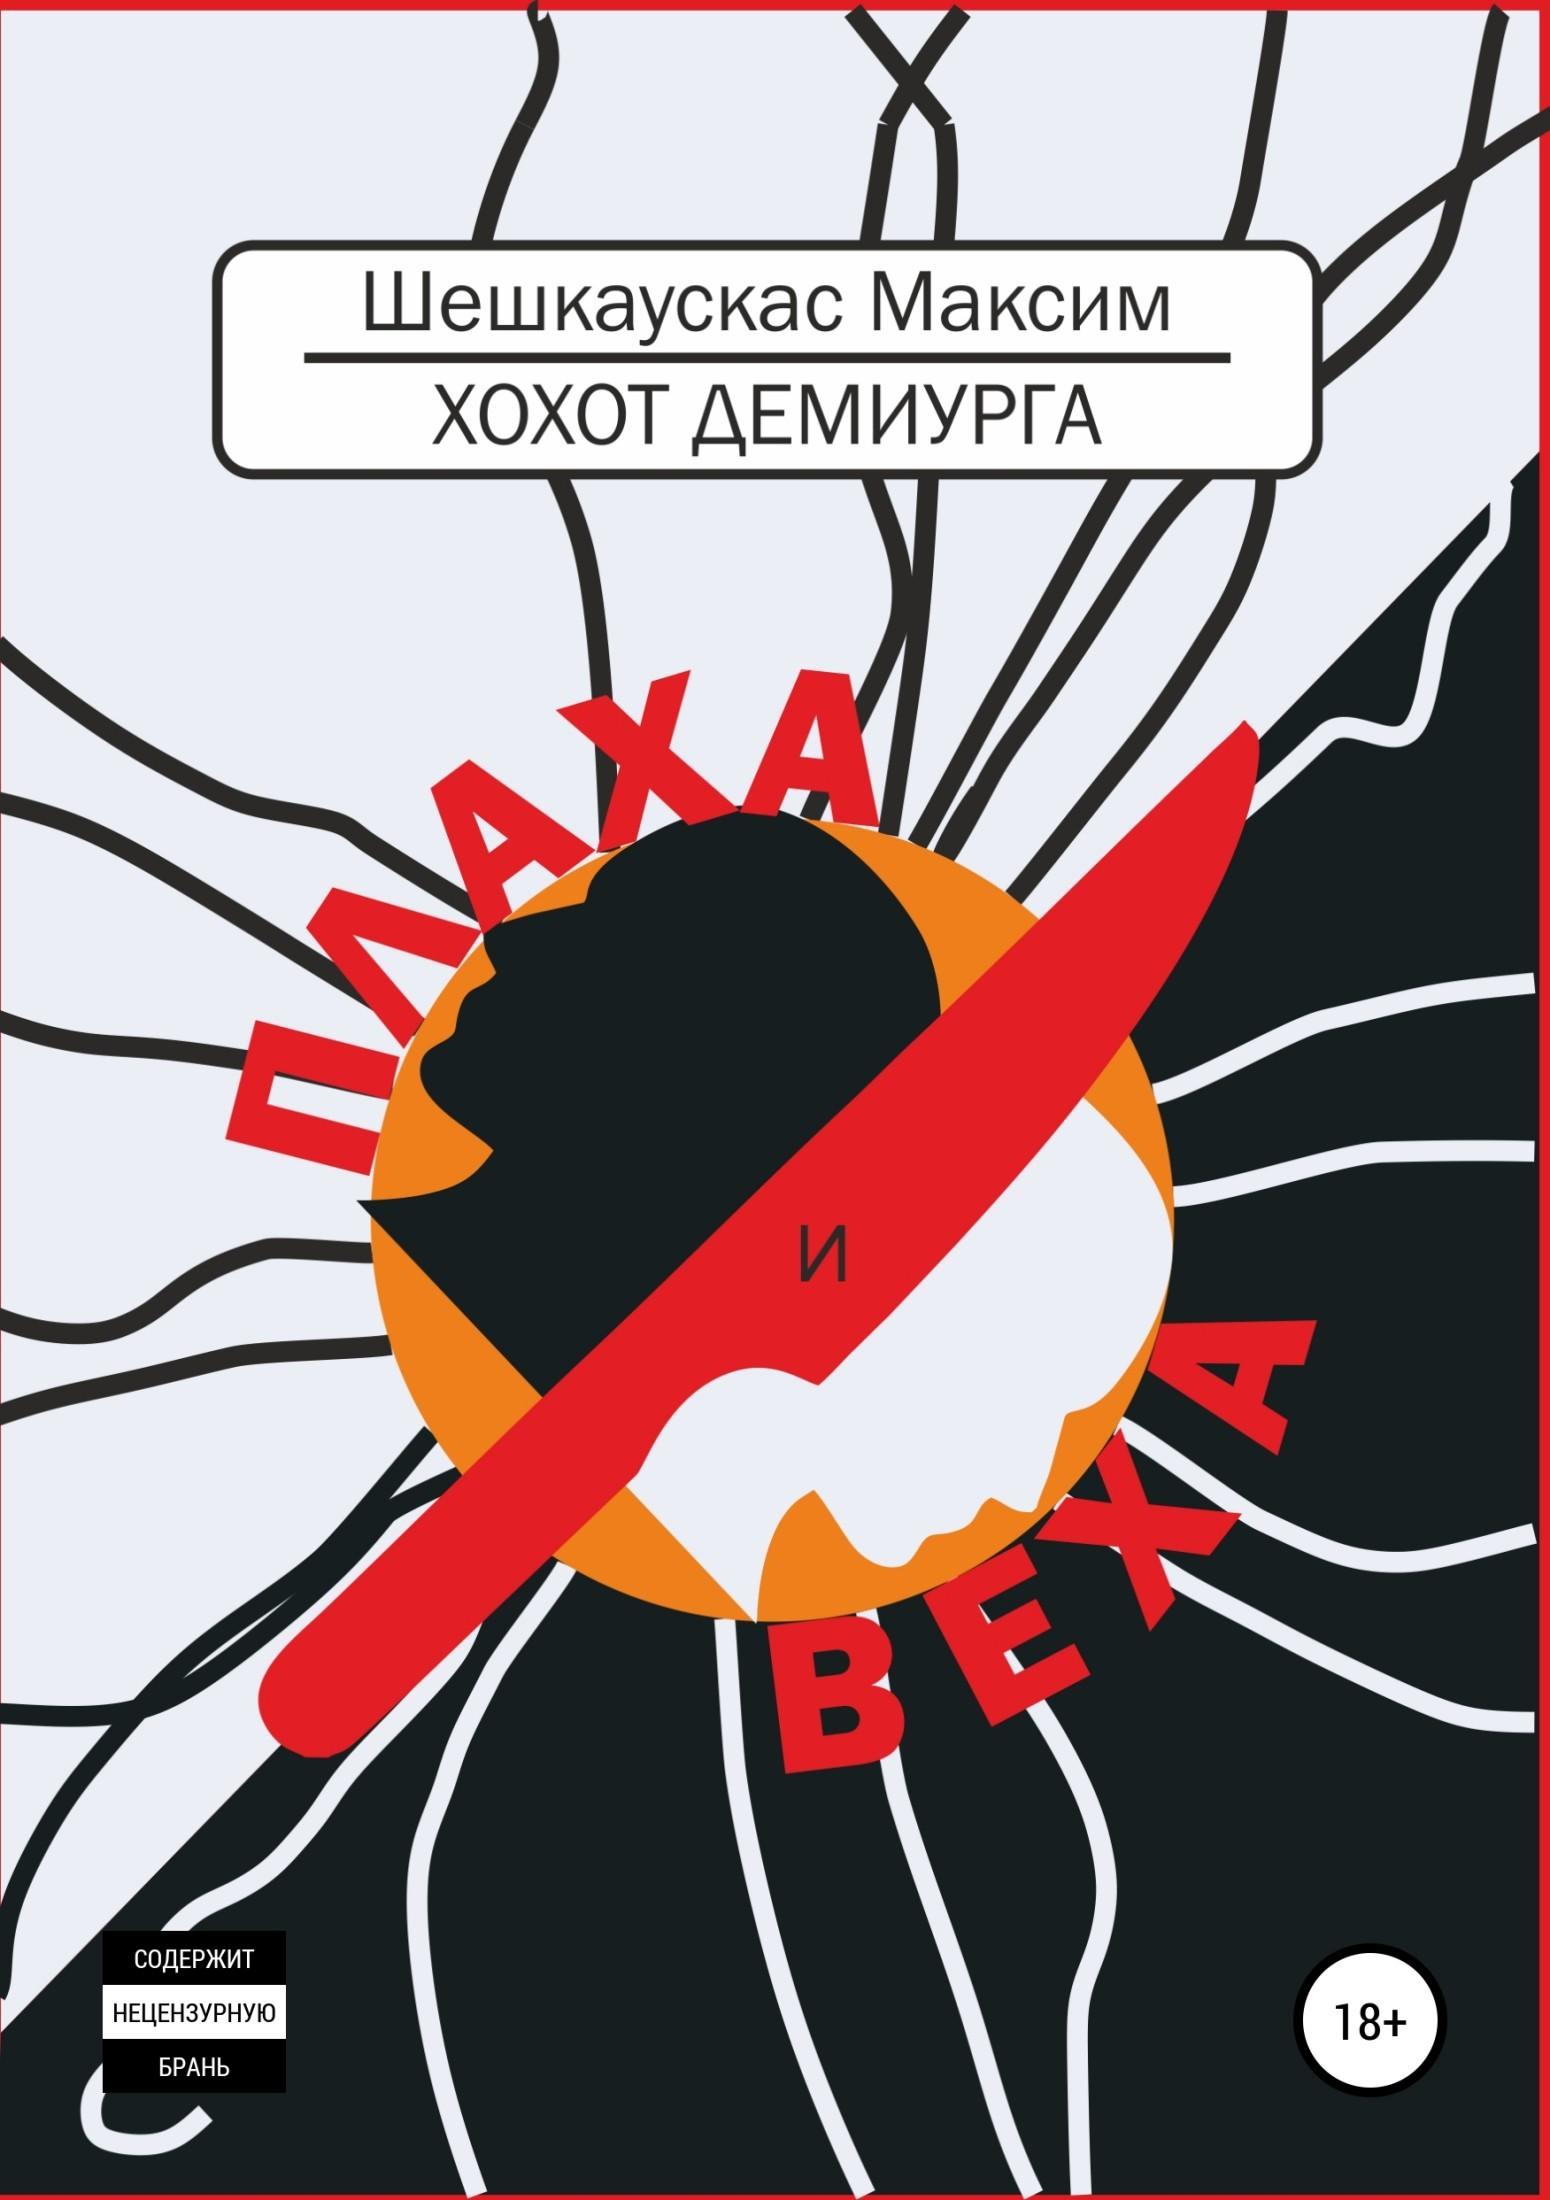 Максим Шешкаускас Хохот Демиурга. Плаха и Веха майлз р крест и плаха я елизавета